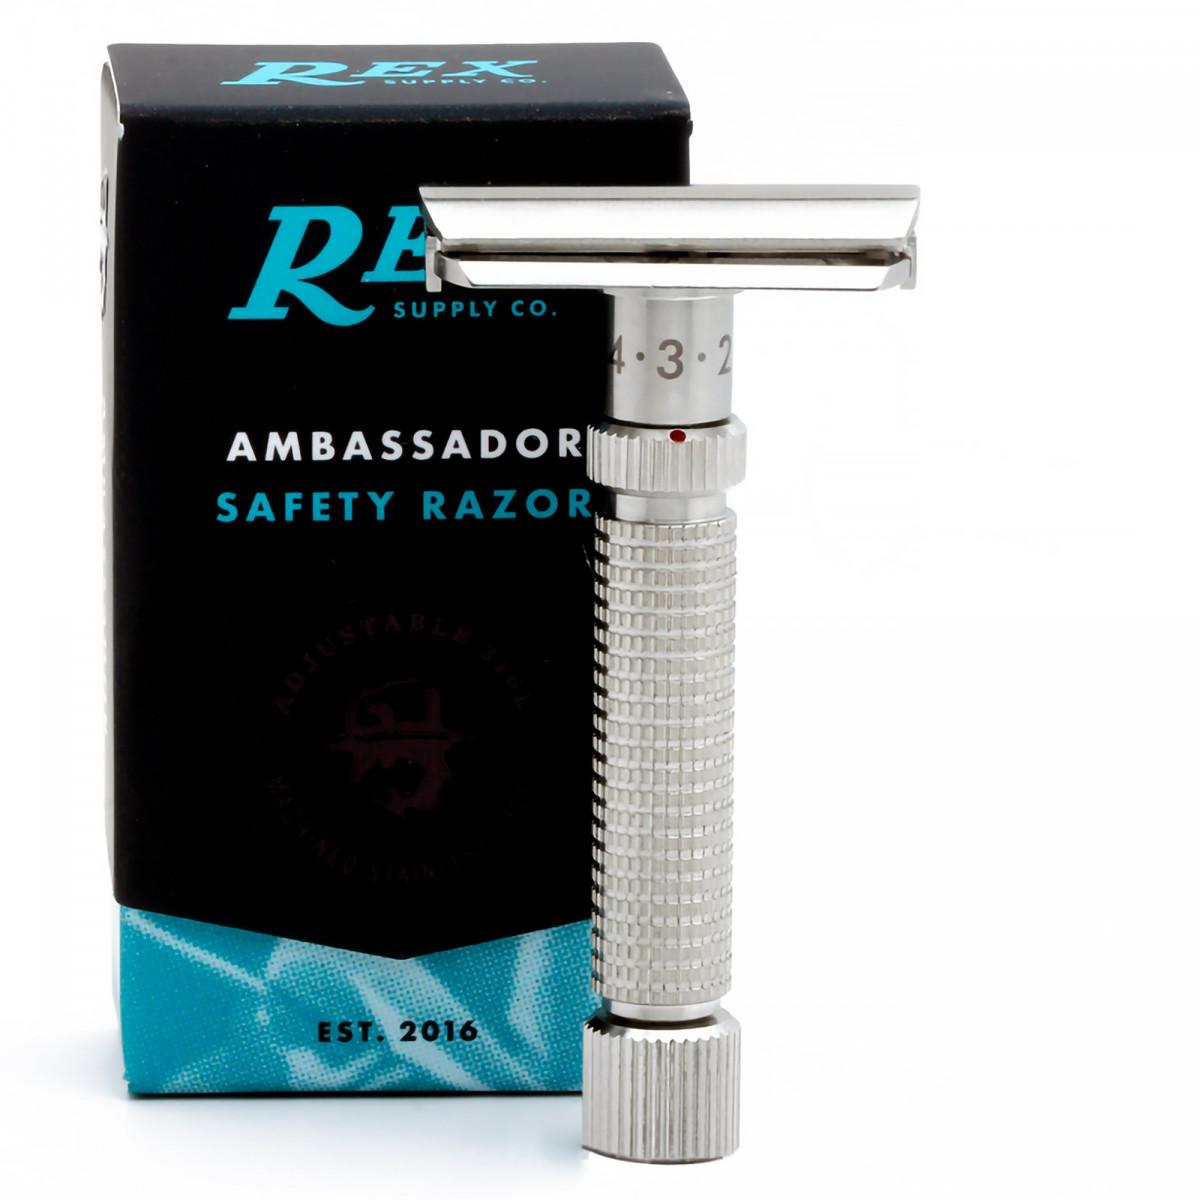 Т-образная бритва REX Ambassador, нержавеющая сталь